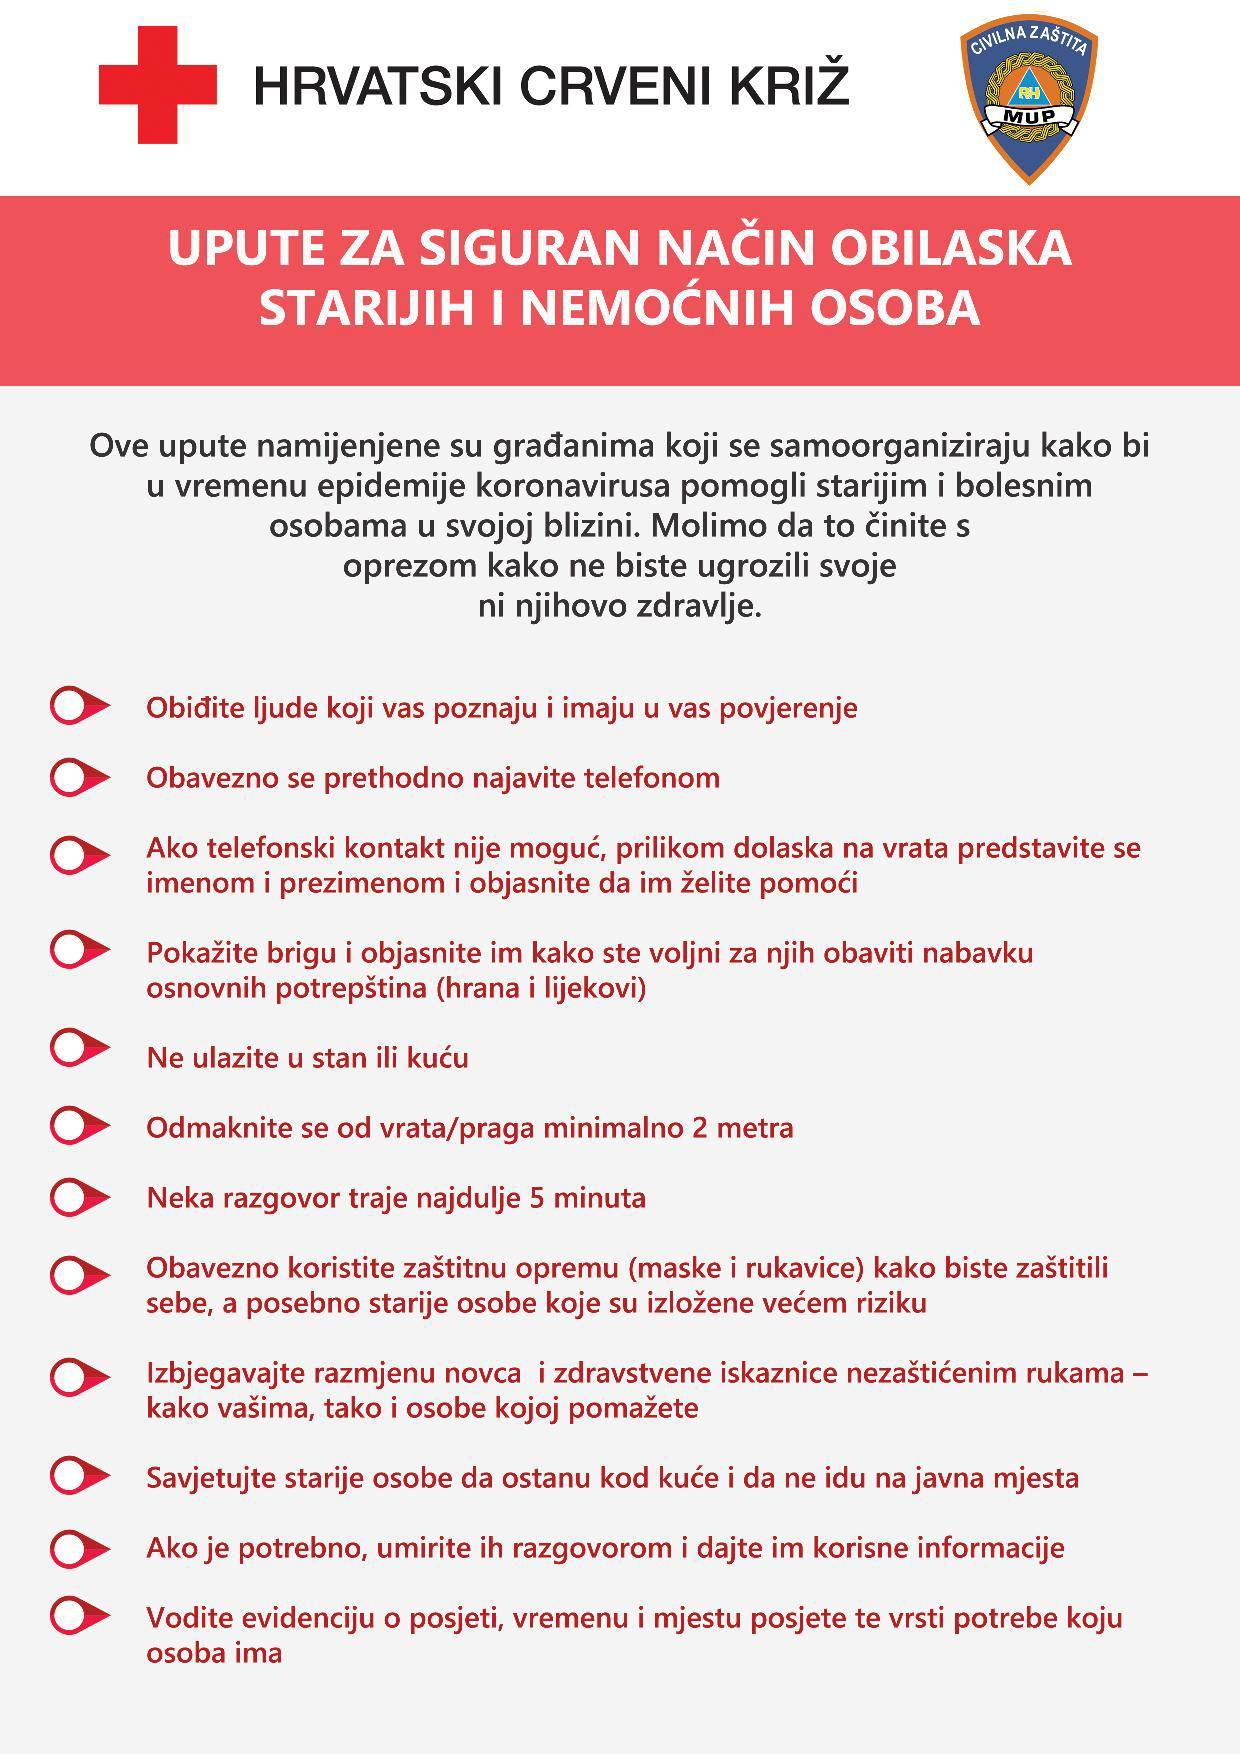 Upute: Županije u kojima nema propusnica, mjere za restorane